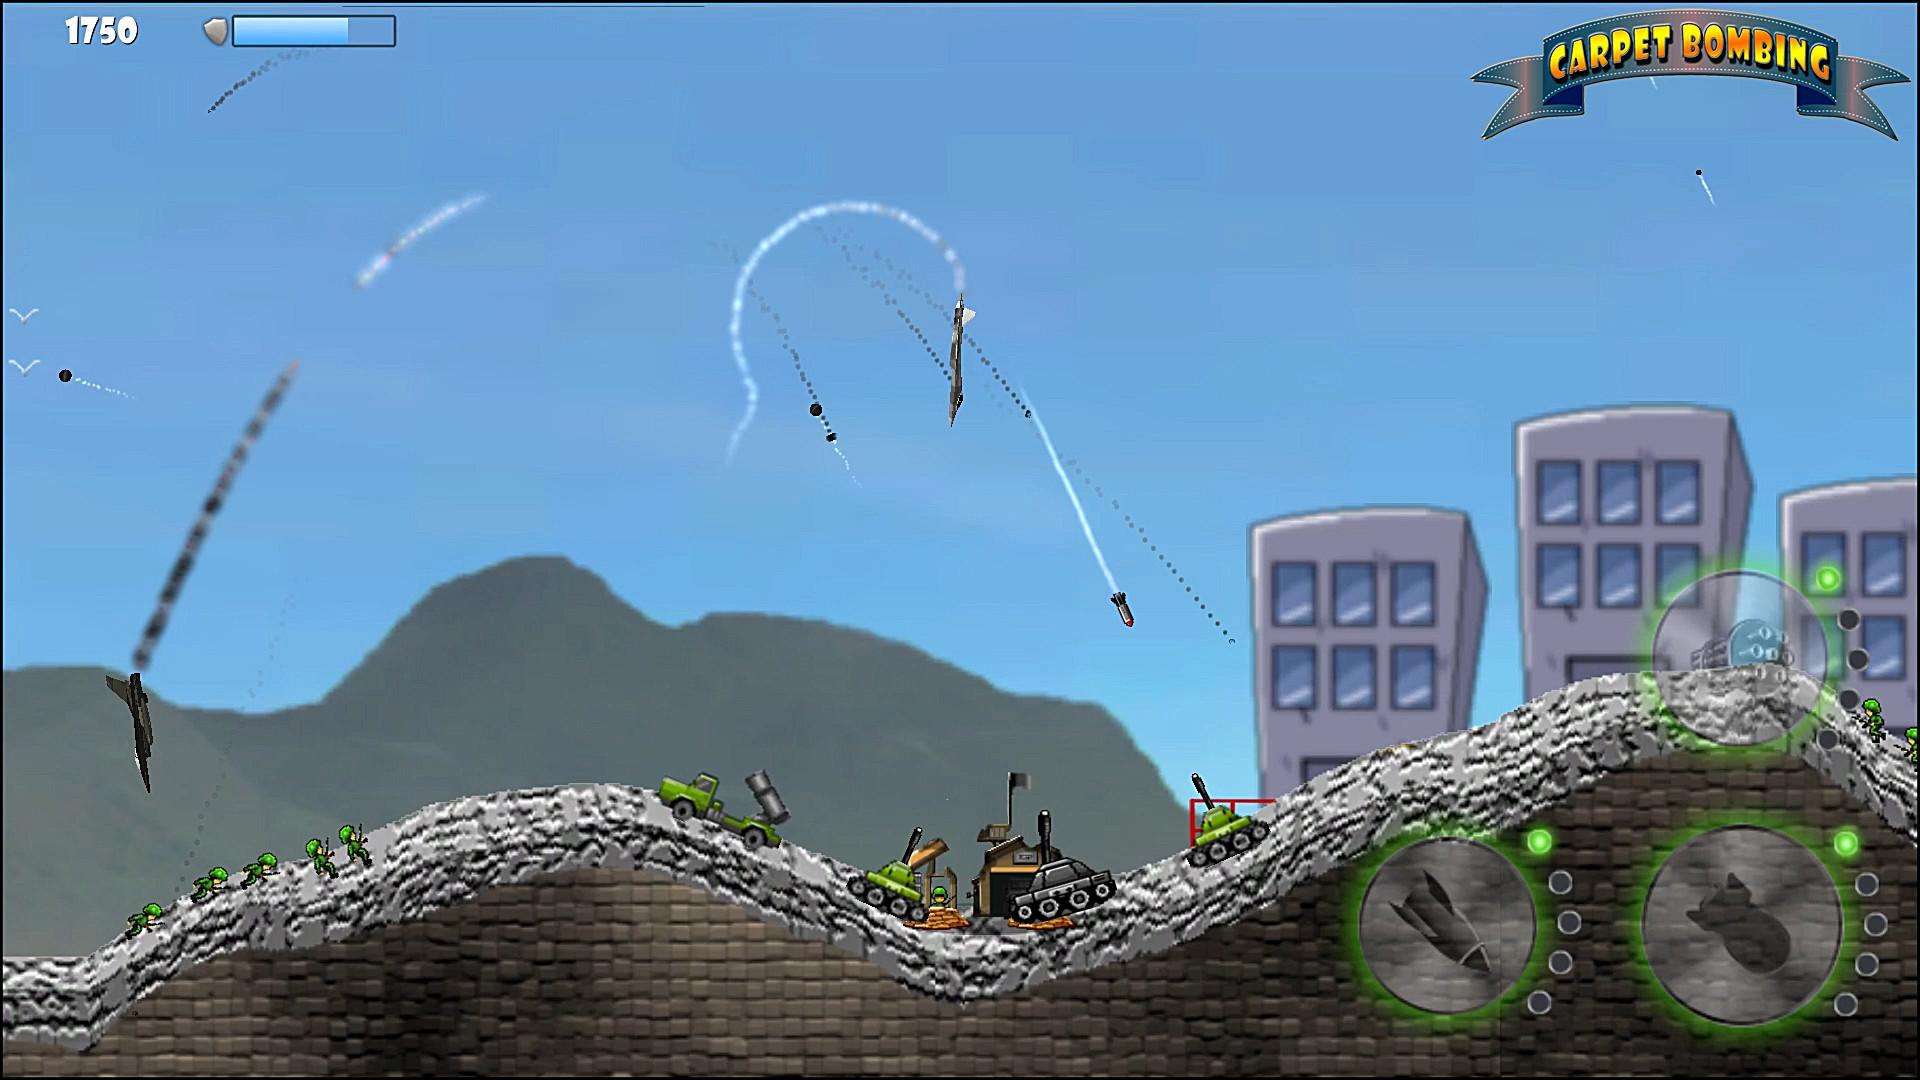 Carpet Bombing screenshot